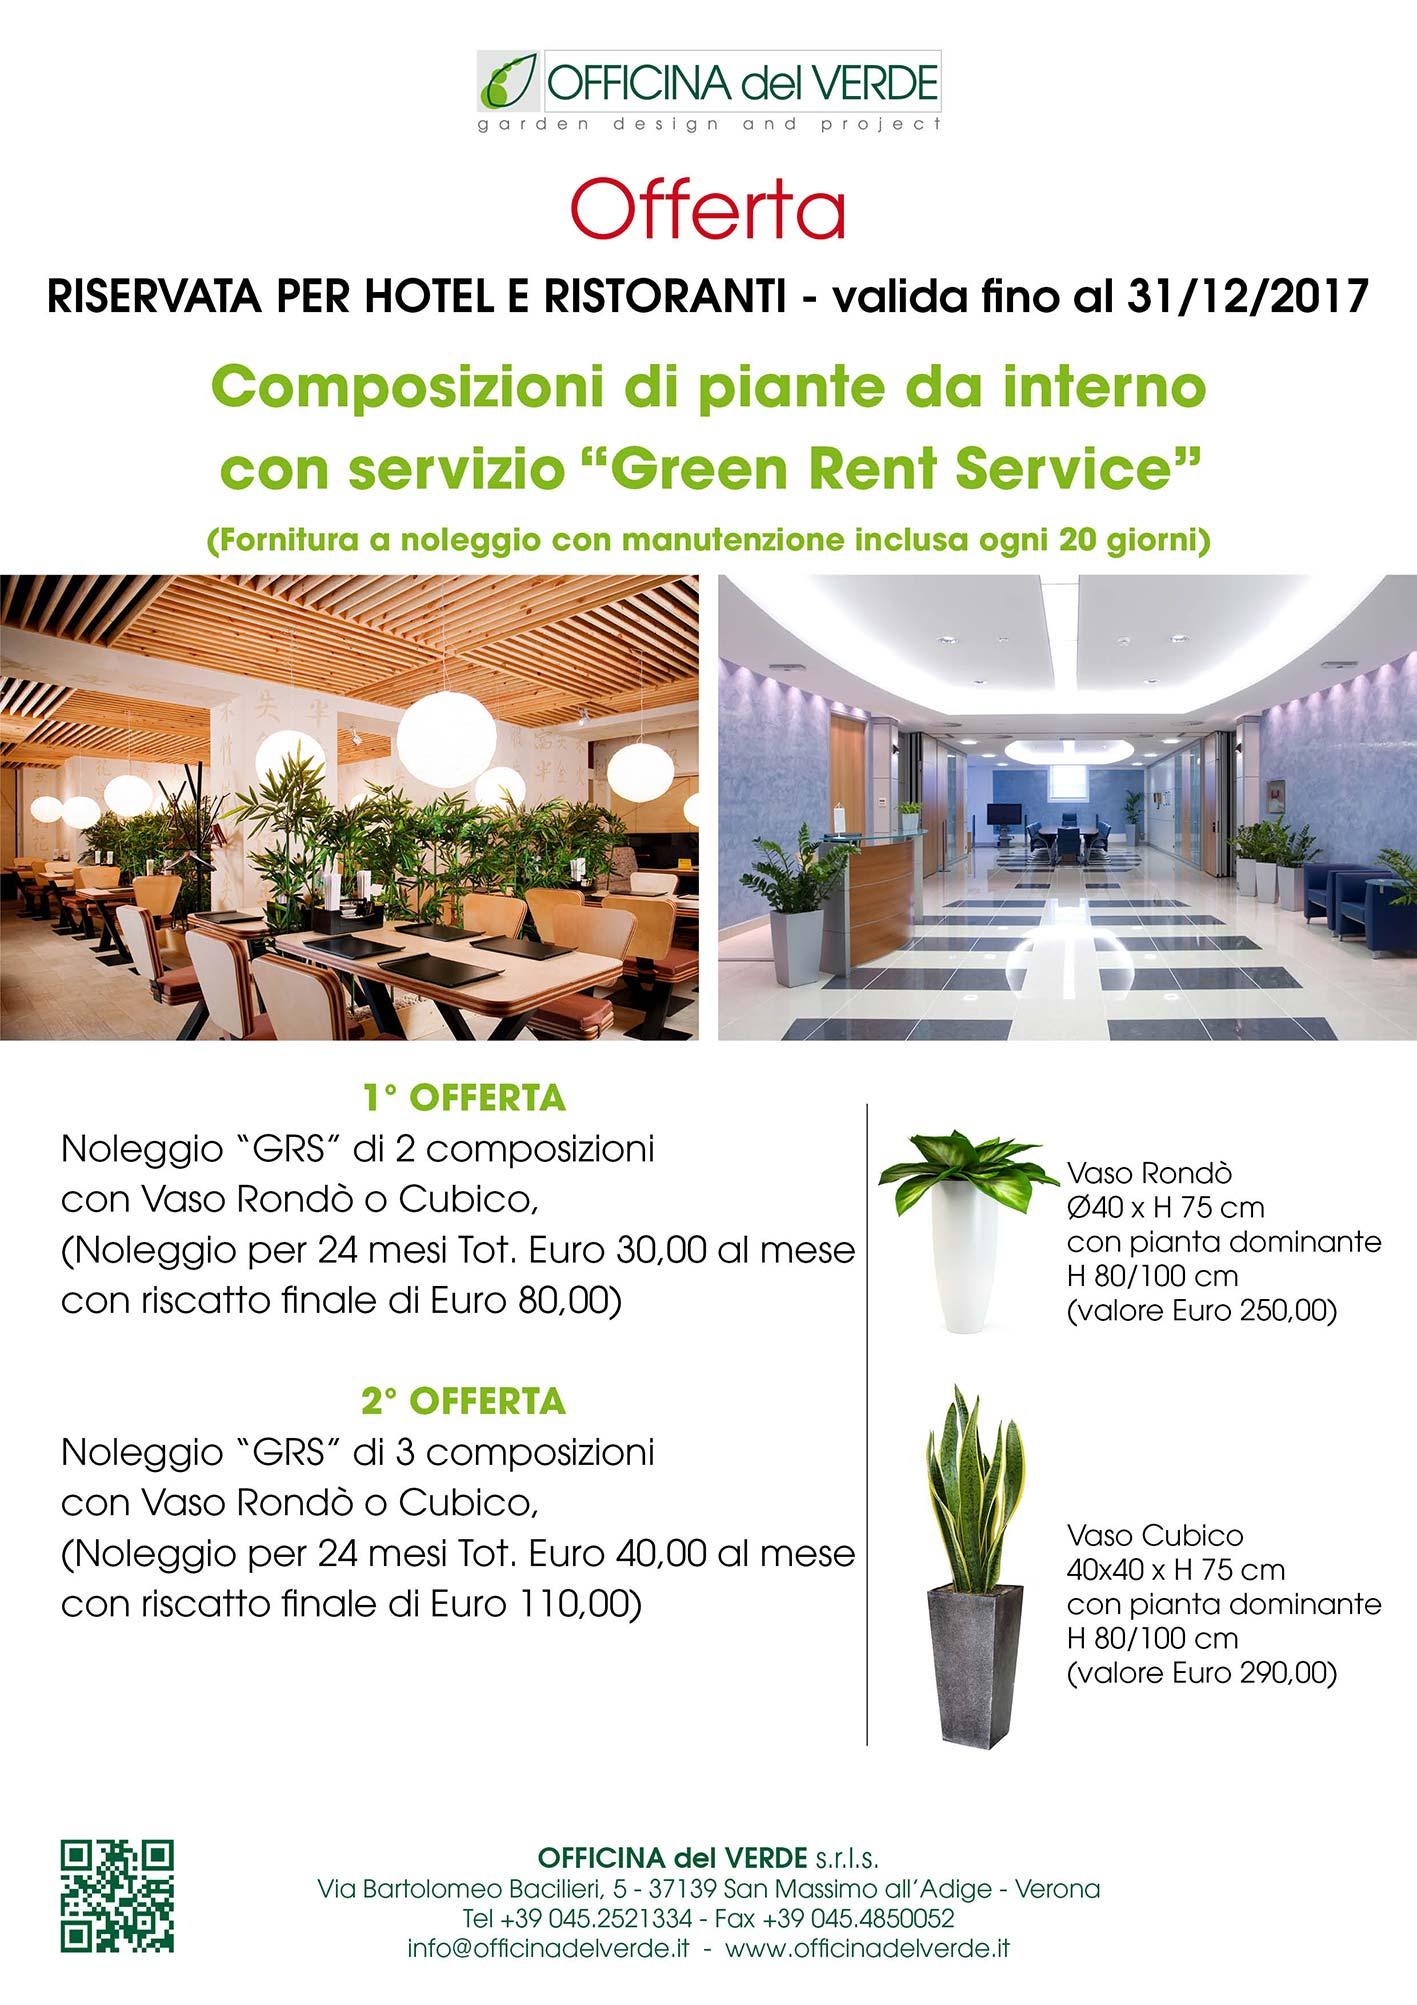 Offerta-hotel-e-ristoranti